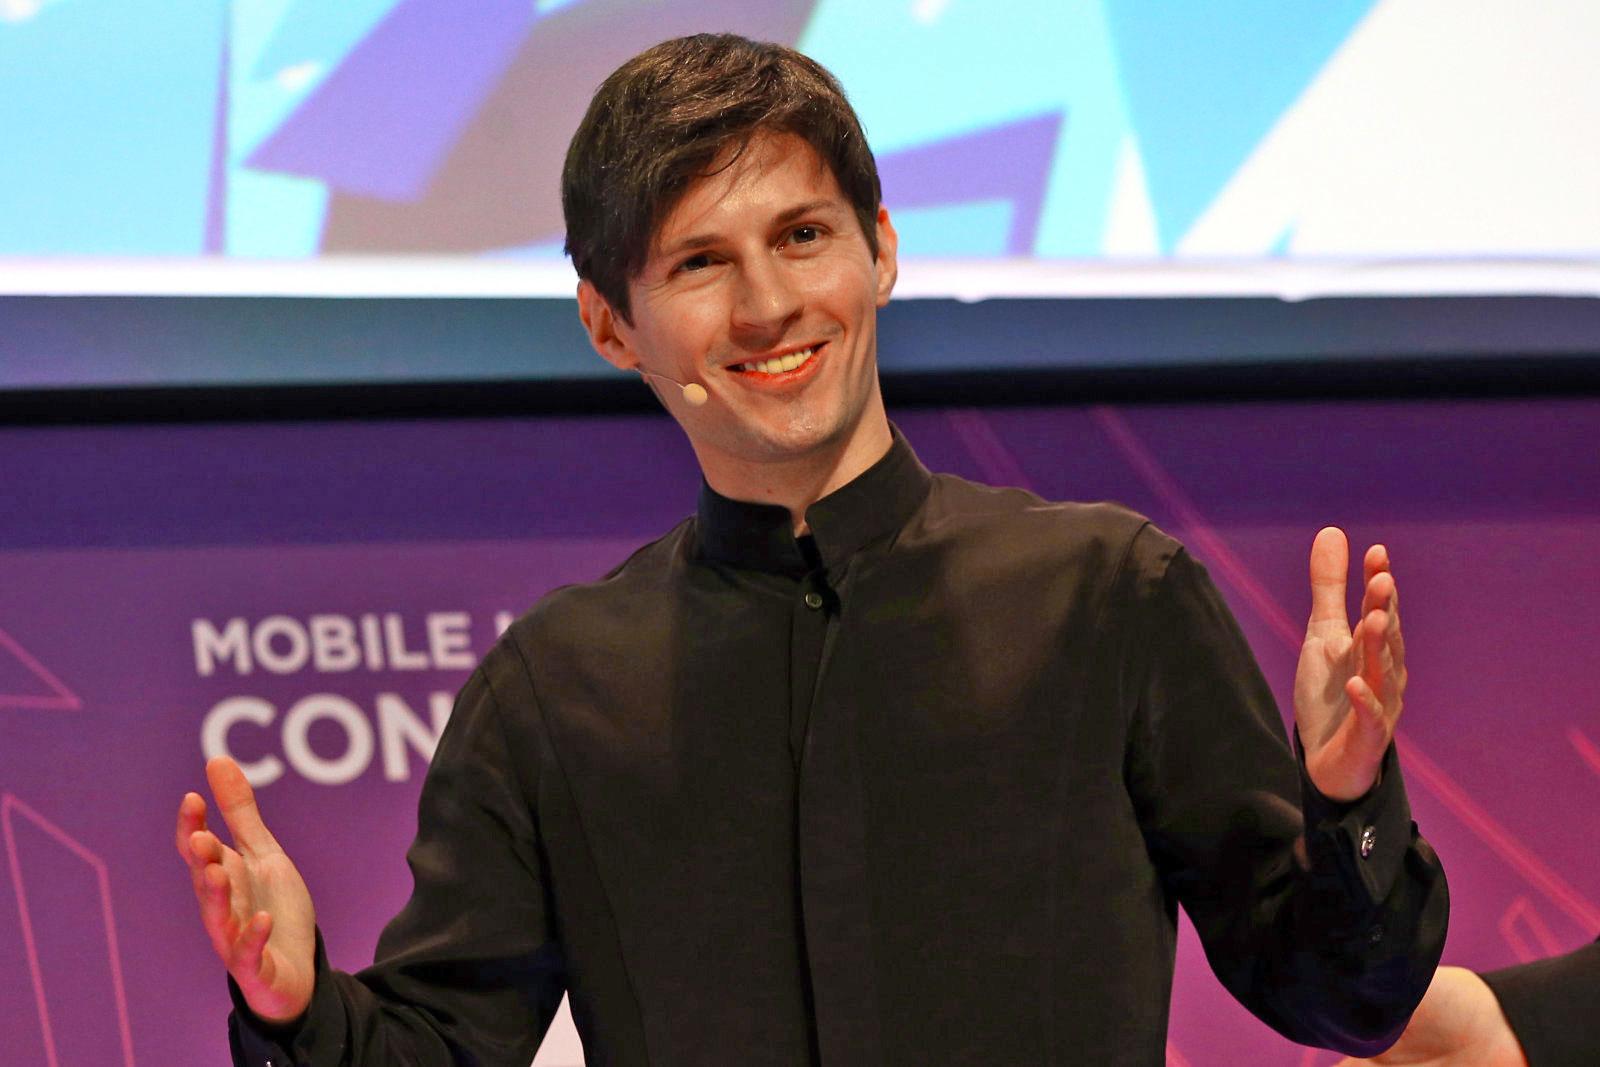 El fundador de Telegram asegura que el gobierno de EEUU intentó sobornar a sus desarrolladores